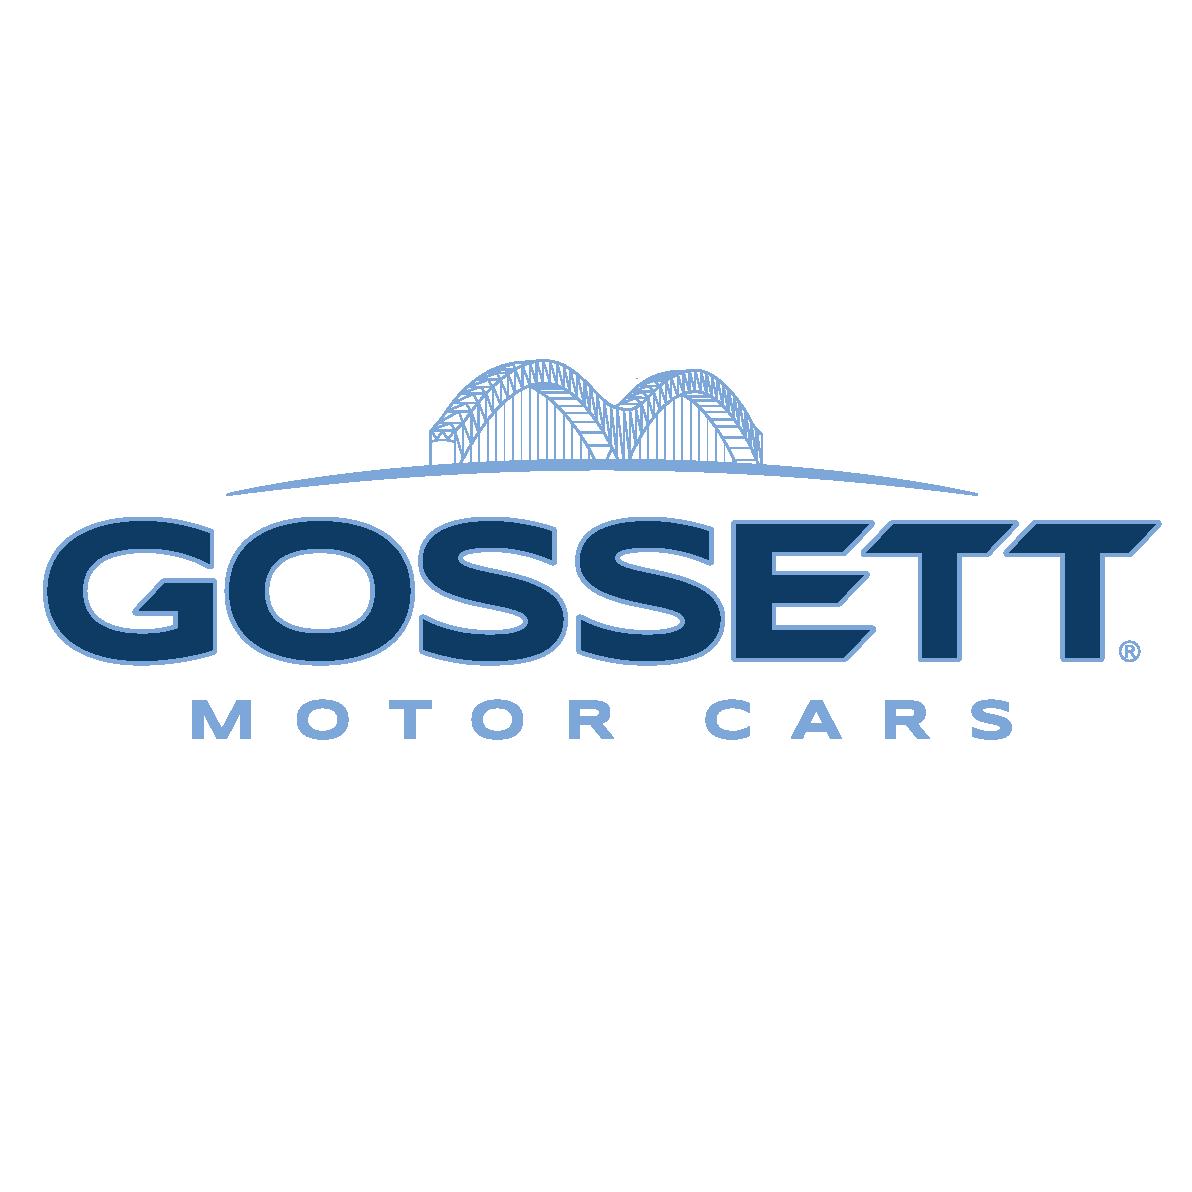 Gossett Motor Cars